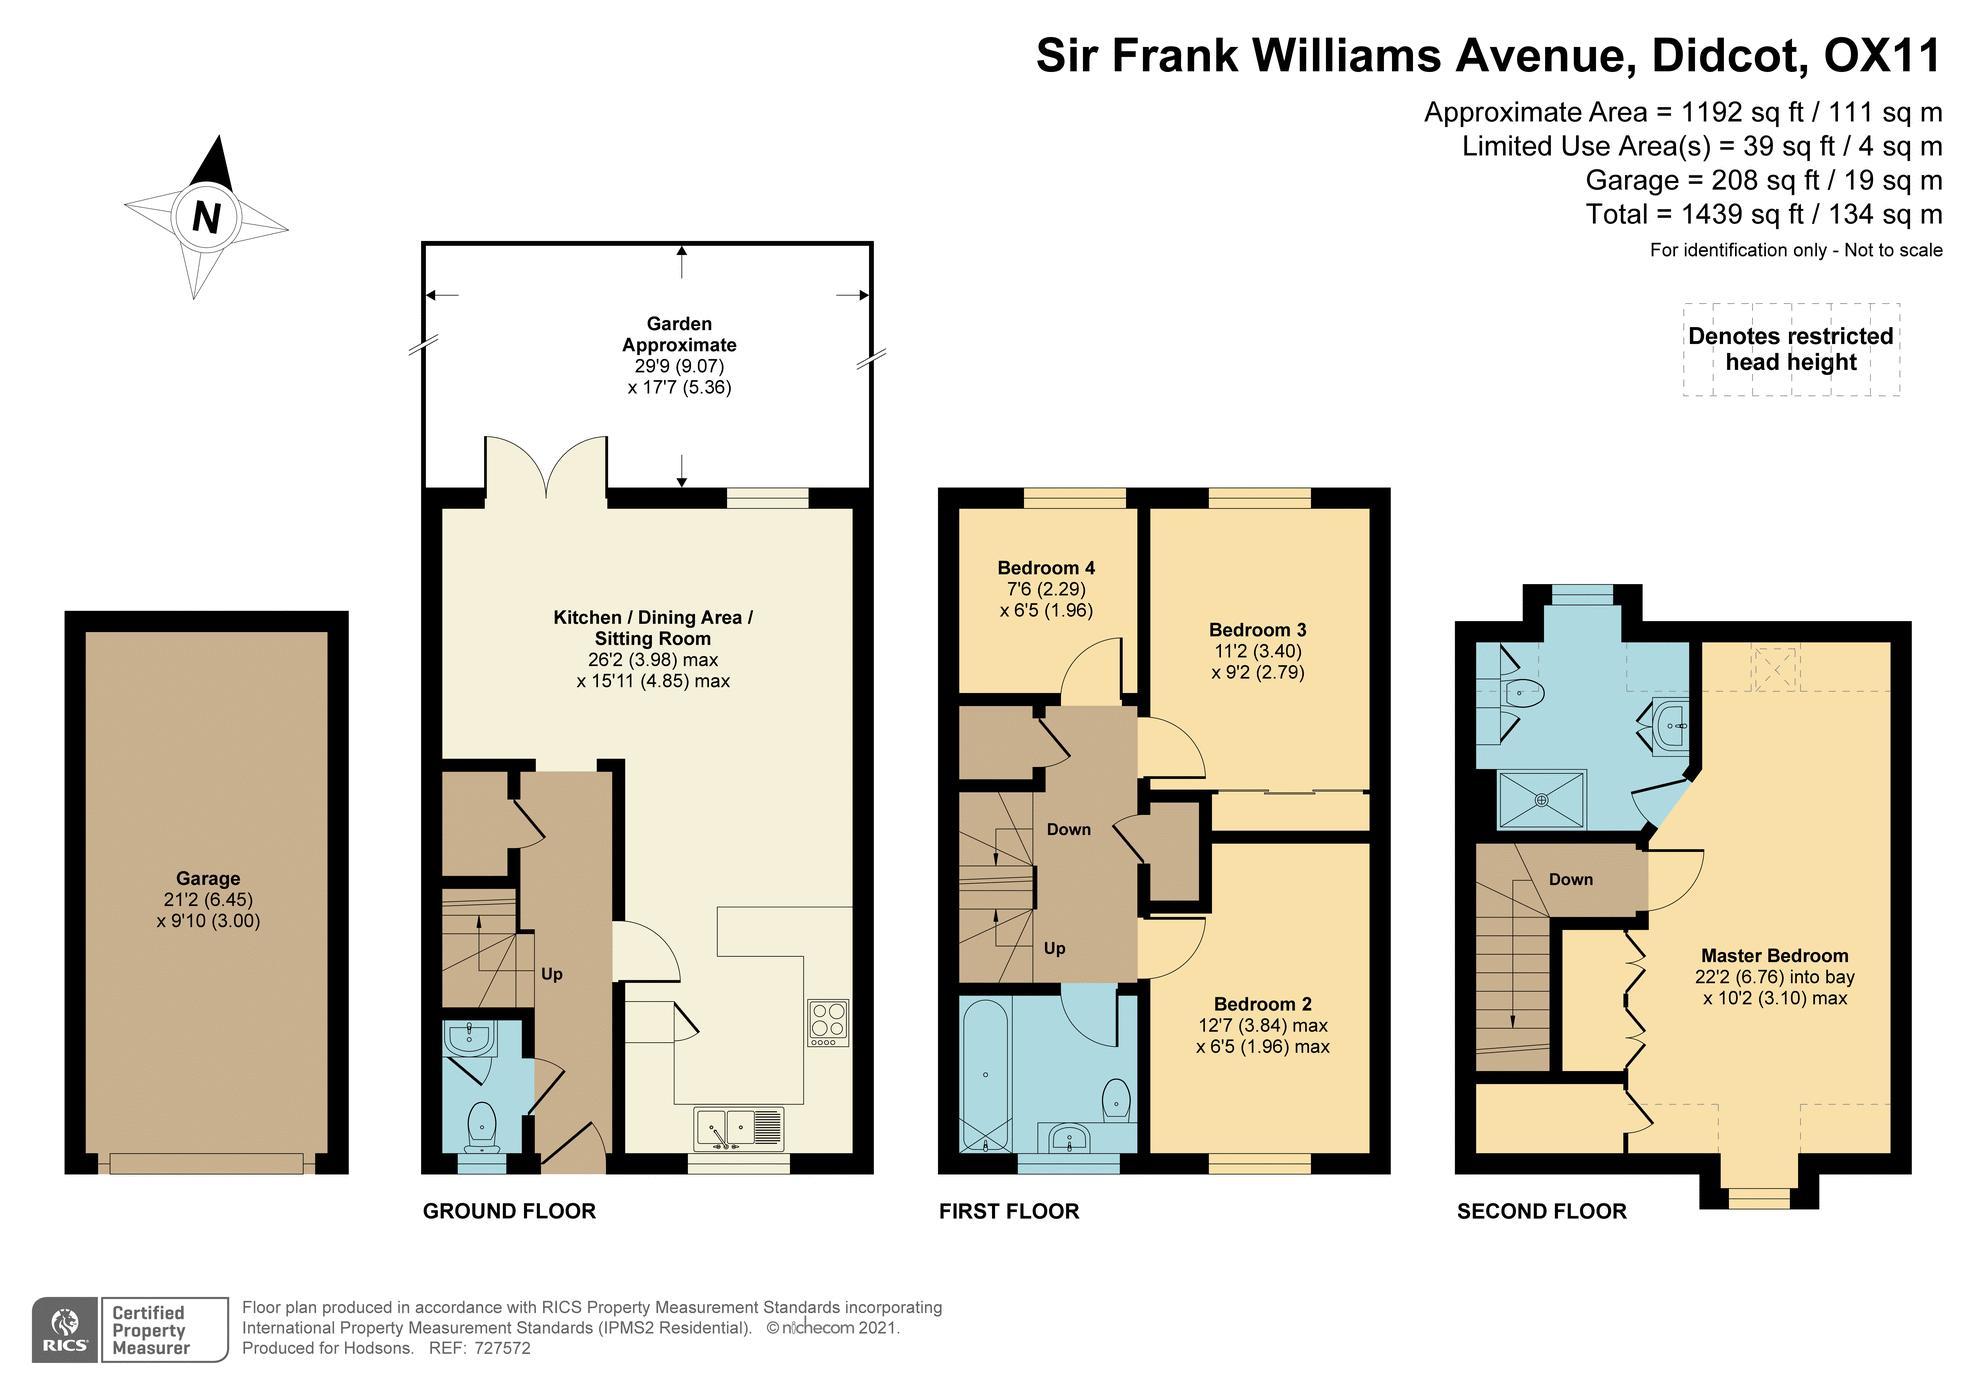 Sir Frank Williams Avenue